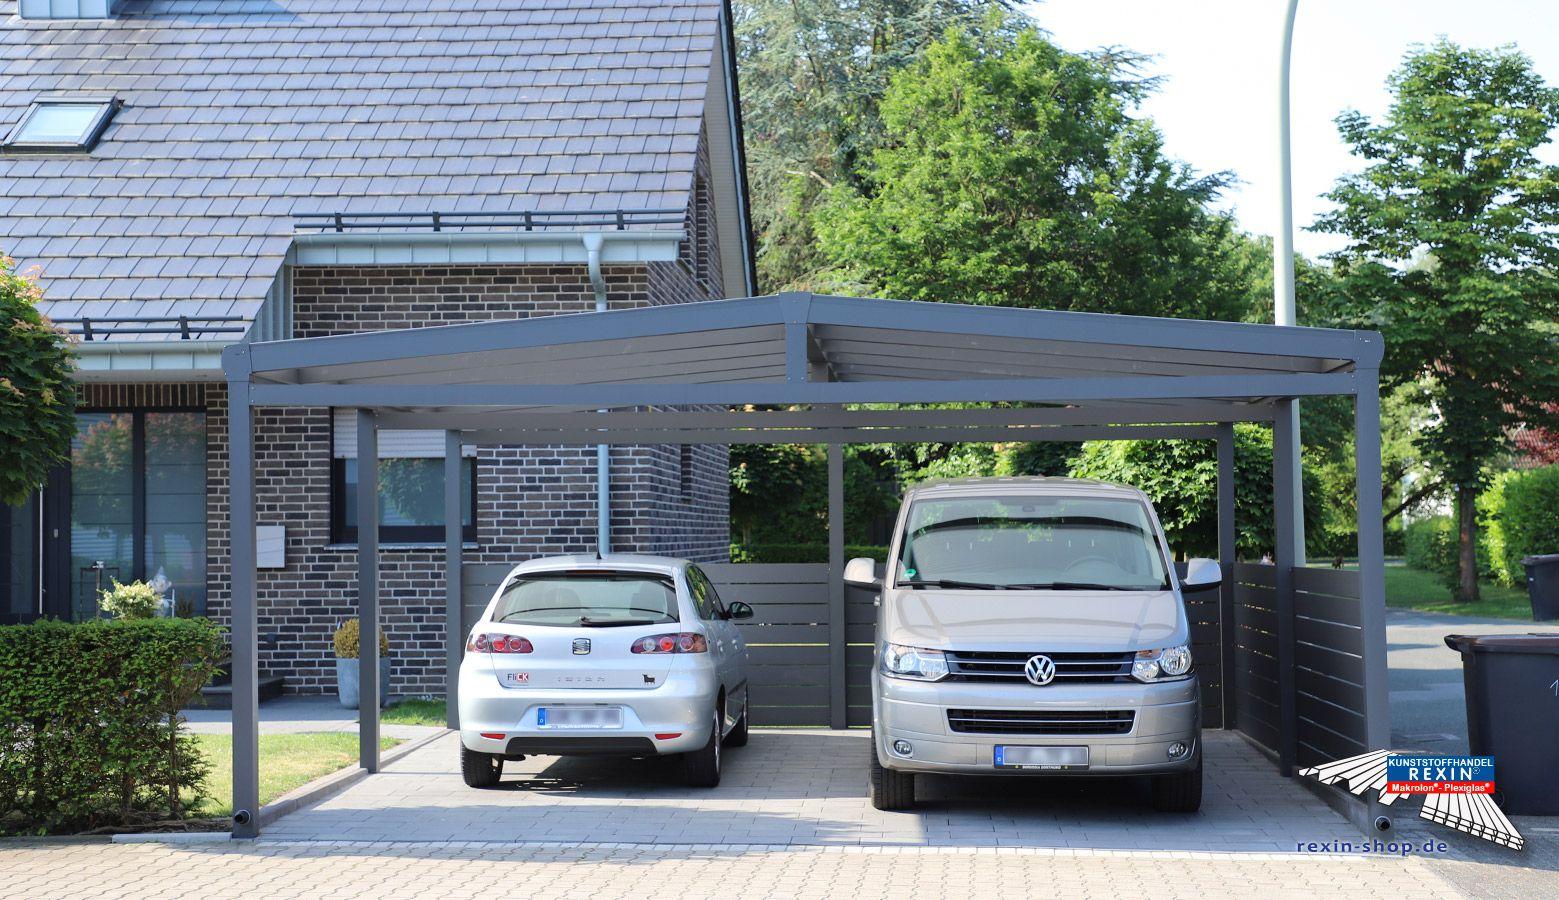 Ein Alu Carport Der Marke Rexoport 6m X 6m In Anthrazit Bei Diesem Freistehenden Aluminium Doppelcarport Mit Plane Fur Scheunenhaus Alu Carport Fachwerkhauser